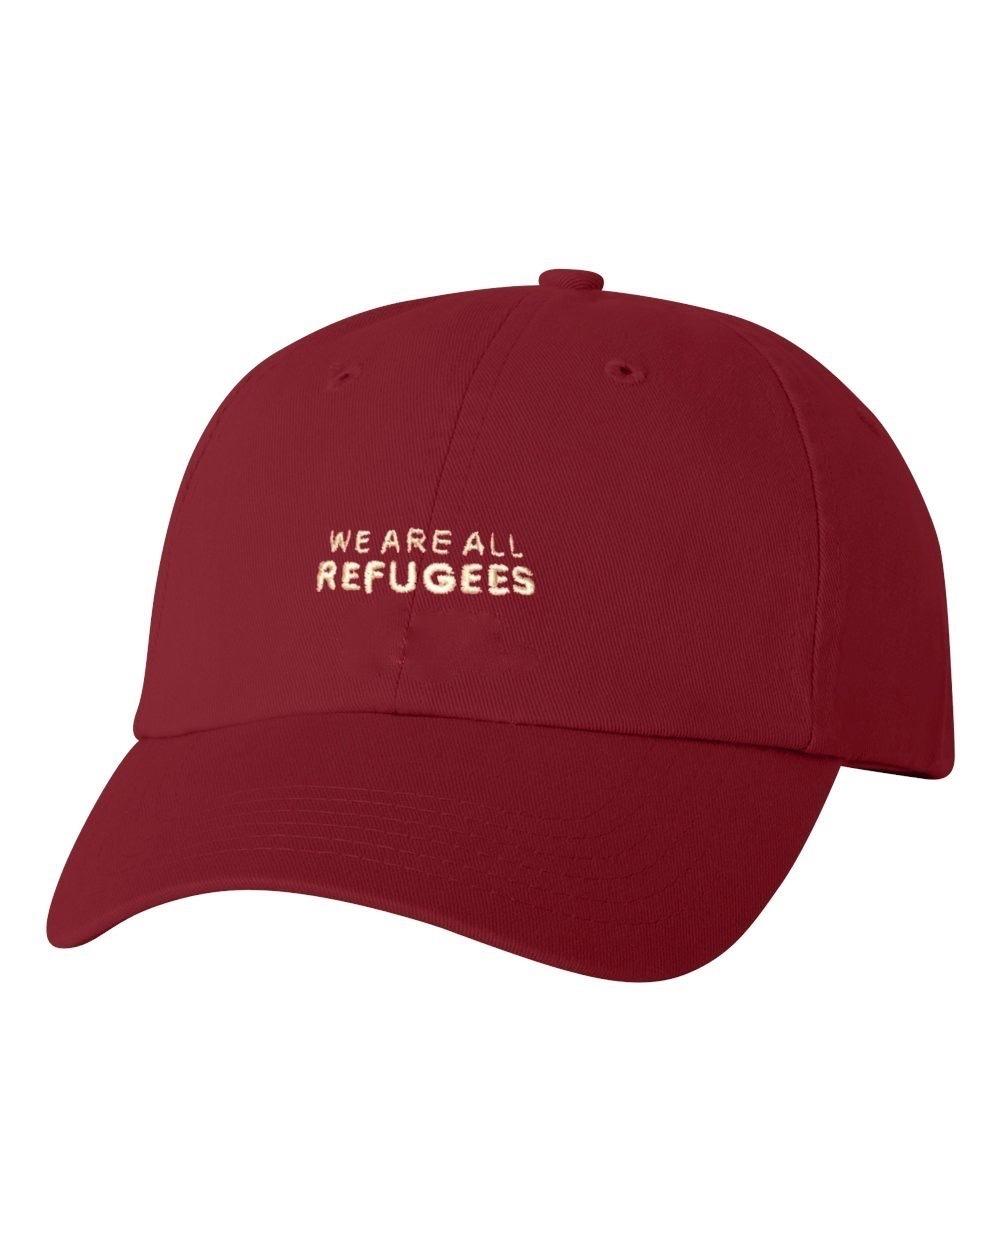 All Refugees Cardinal Dad Cap